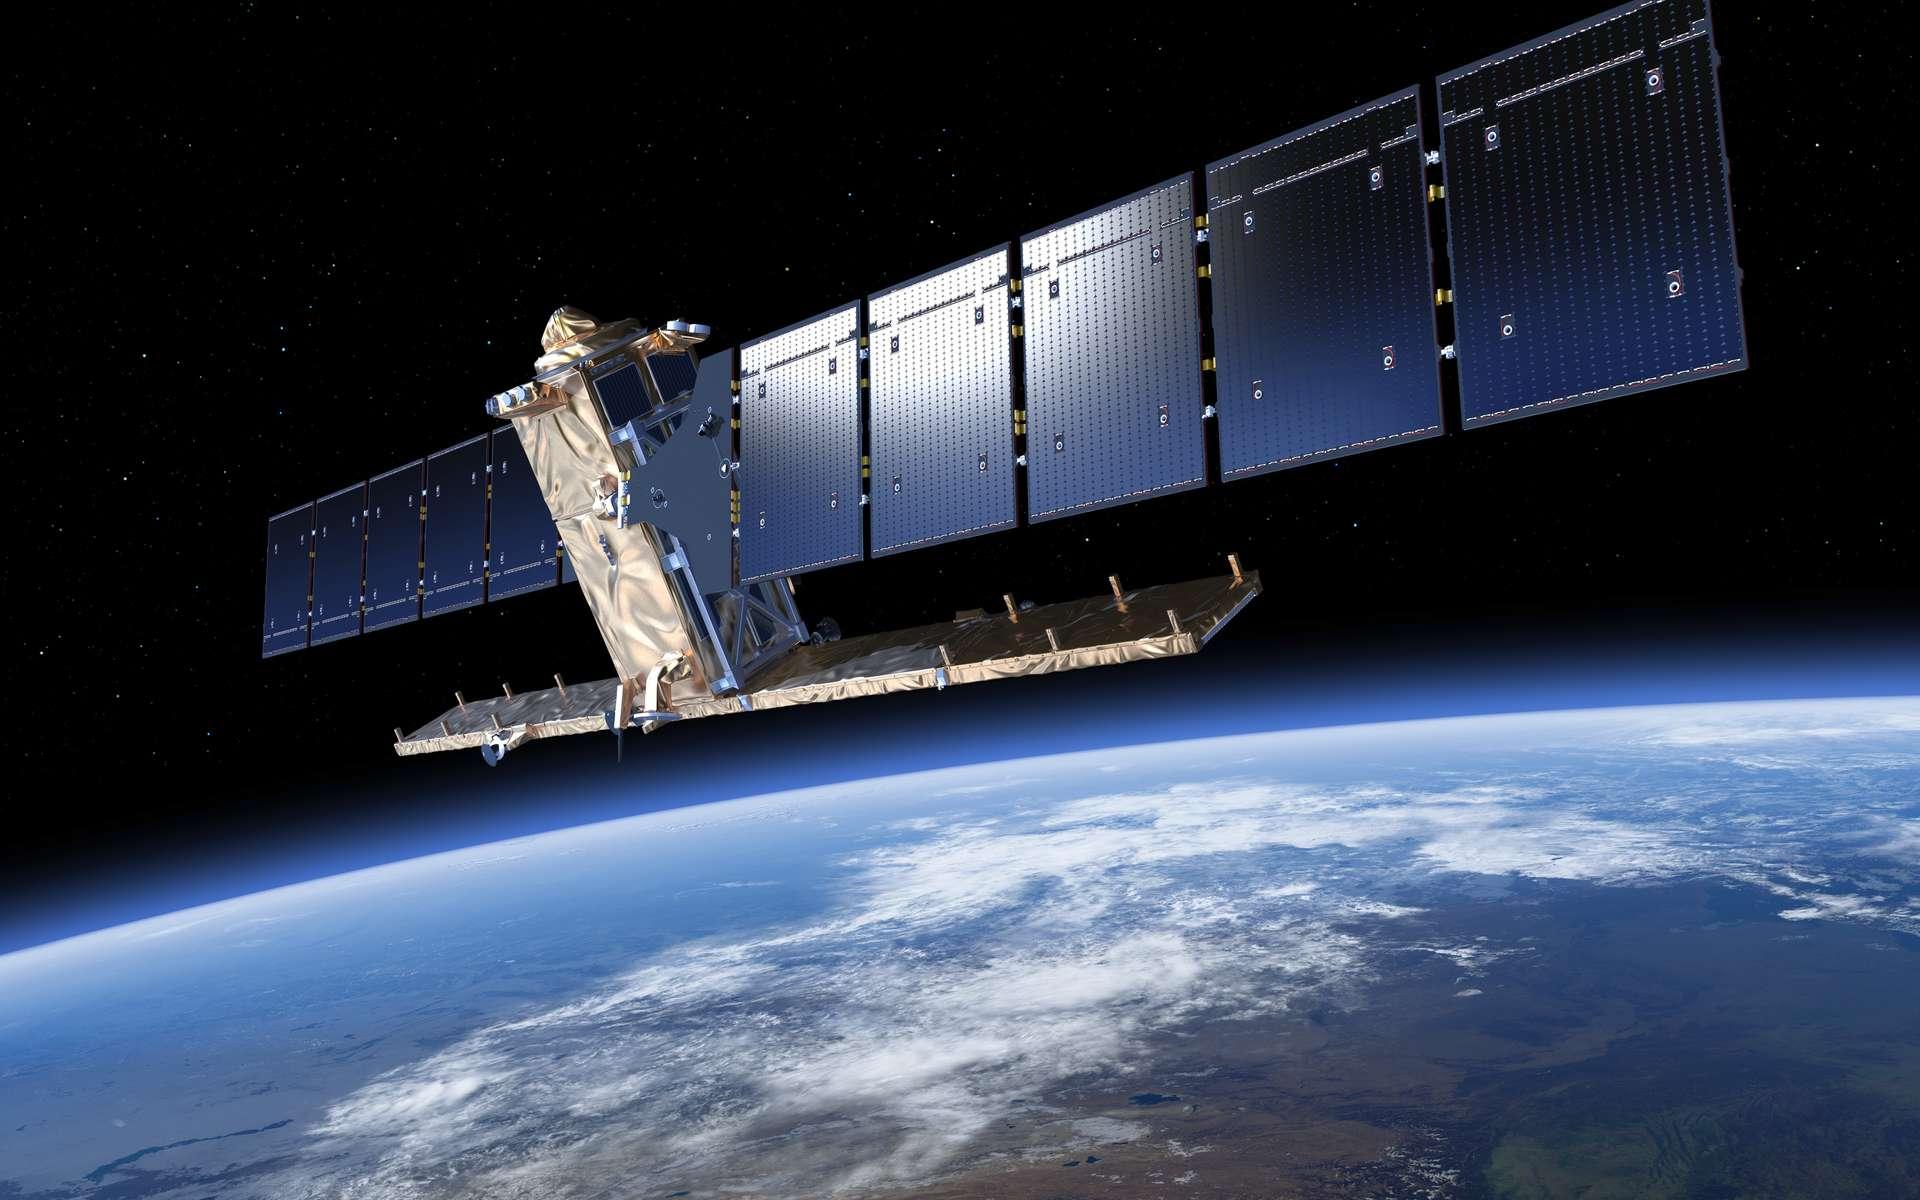 Le satellite Sentinel 1A, lancé en avril 2014, sera rejoint vendredi par son jumeau, Sentinel 1B. Construits à l'identique par Thales Alenia Space, ces deux satellites vont donner à l'Europe une nouvelle vision radar de la Terre dans le cadre du programme européen d'observation de la Terre Copernicus. © Esa